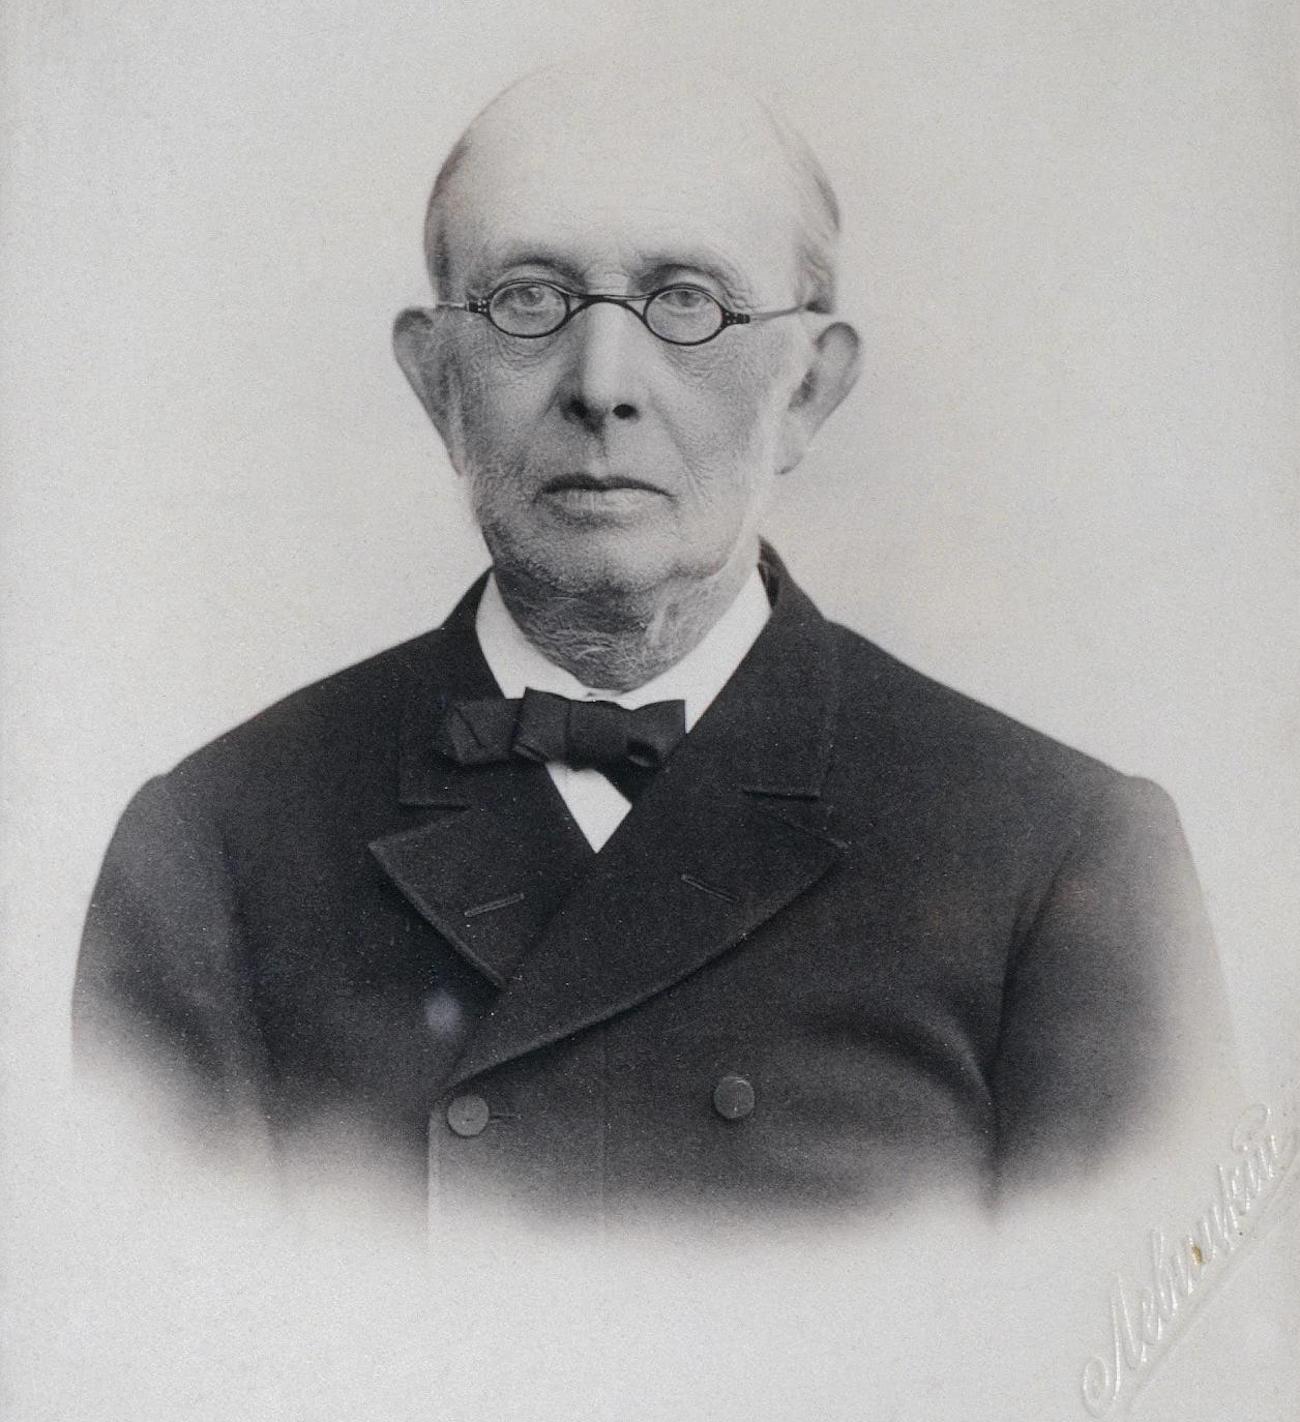 Константин Победоносцев, 1902. / Из слободних извора